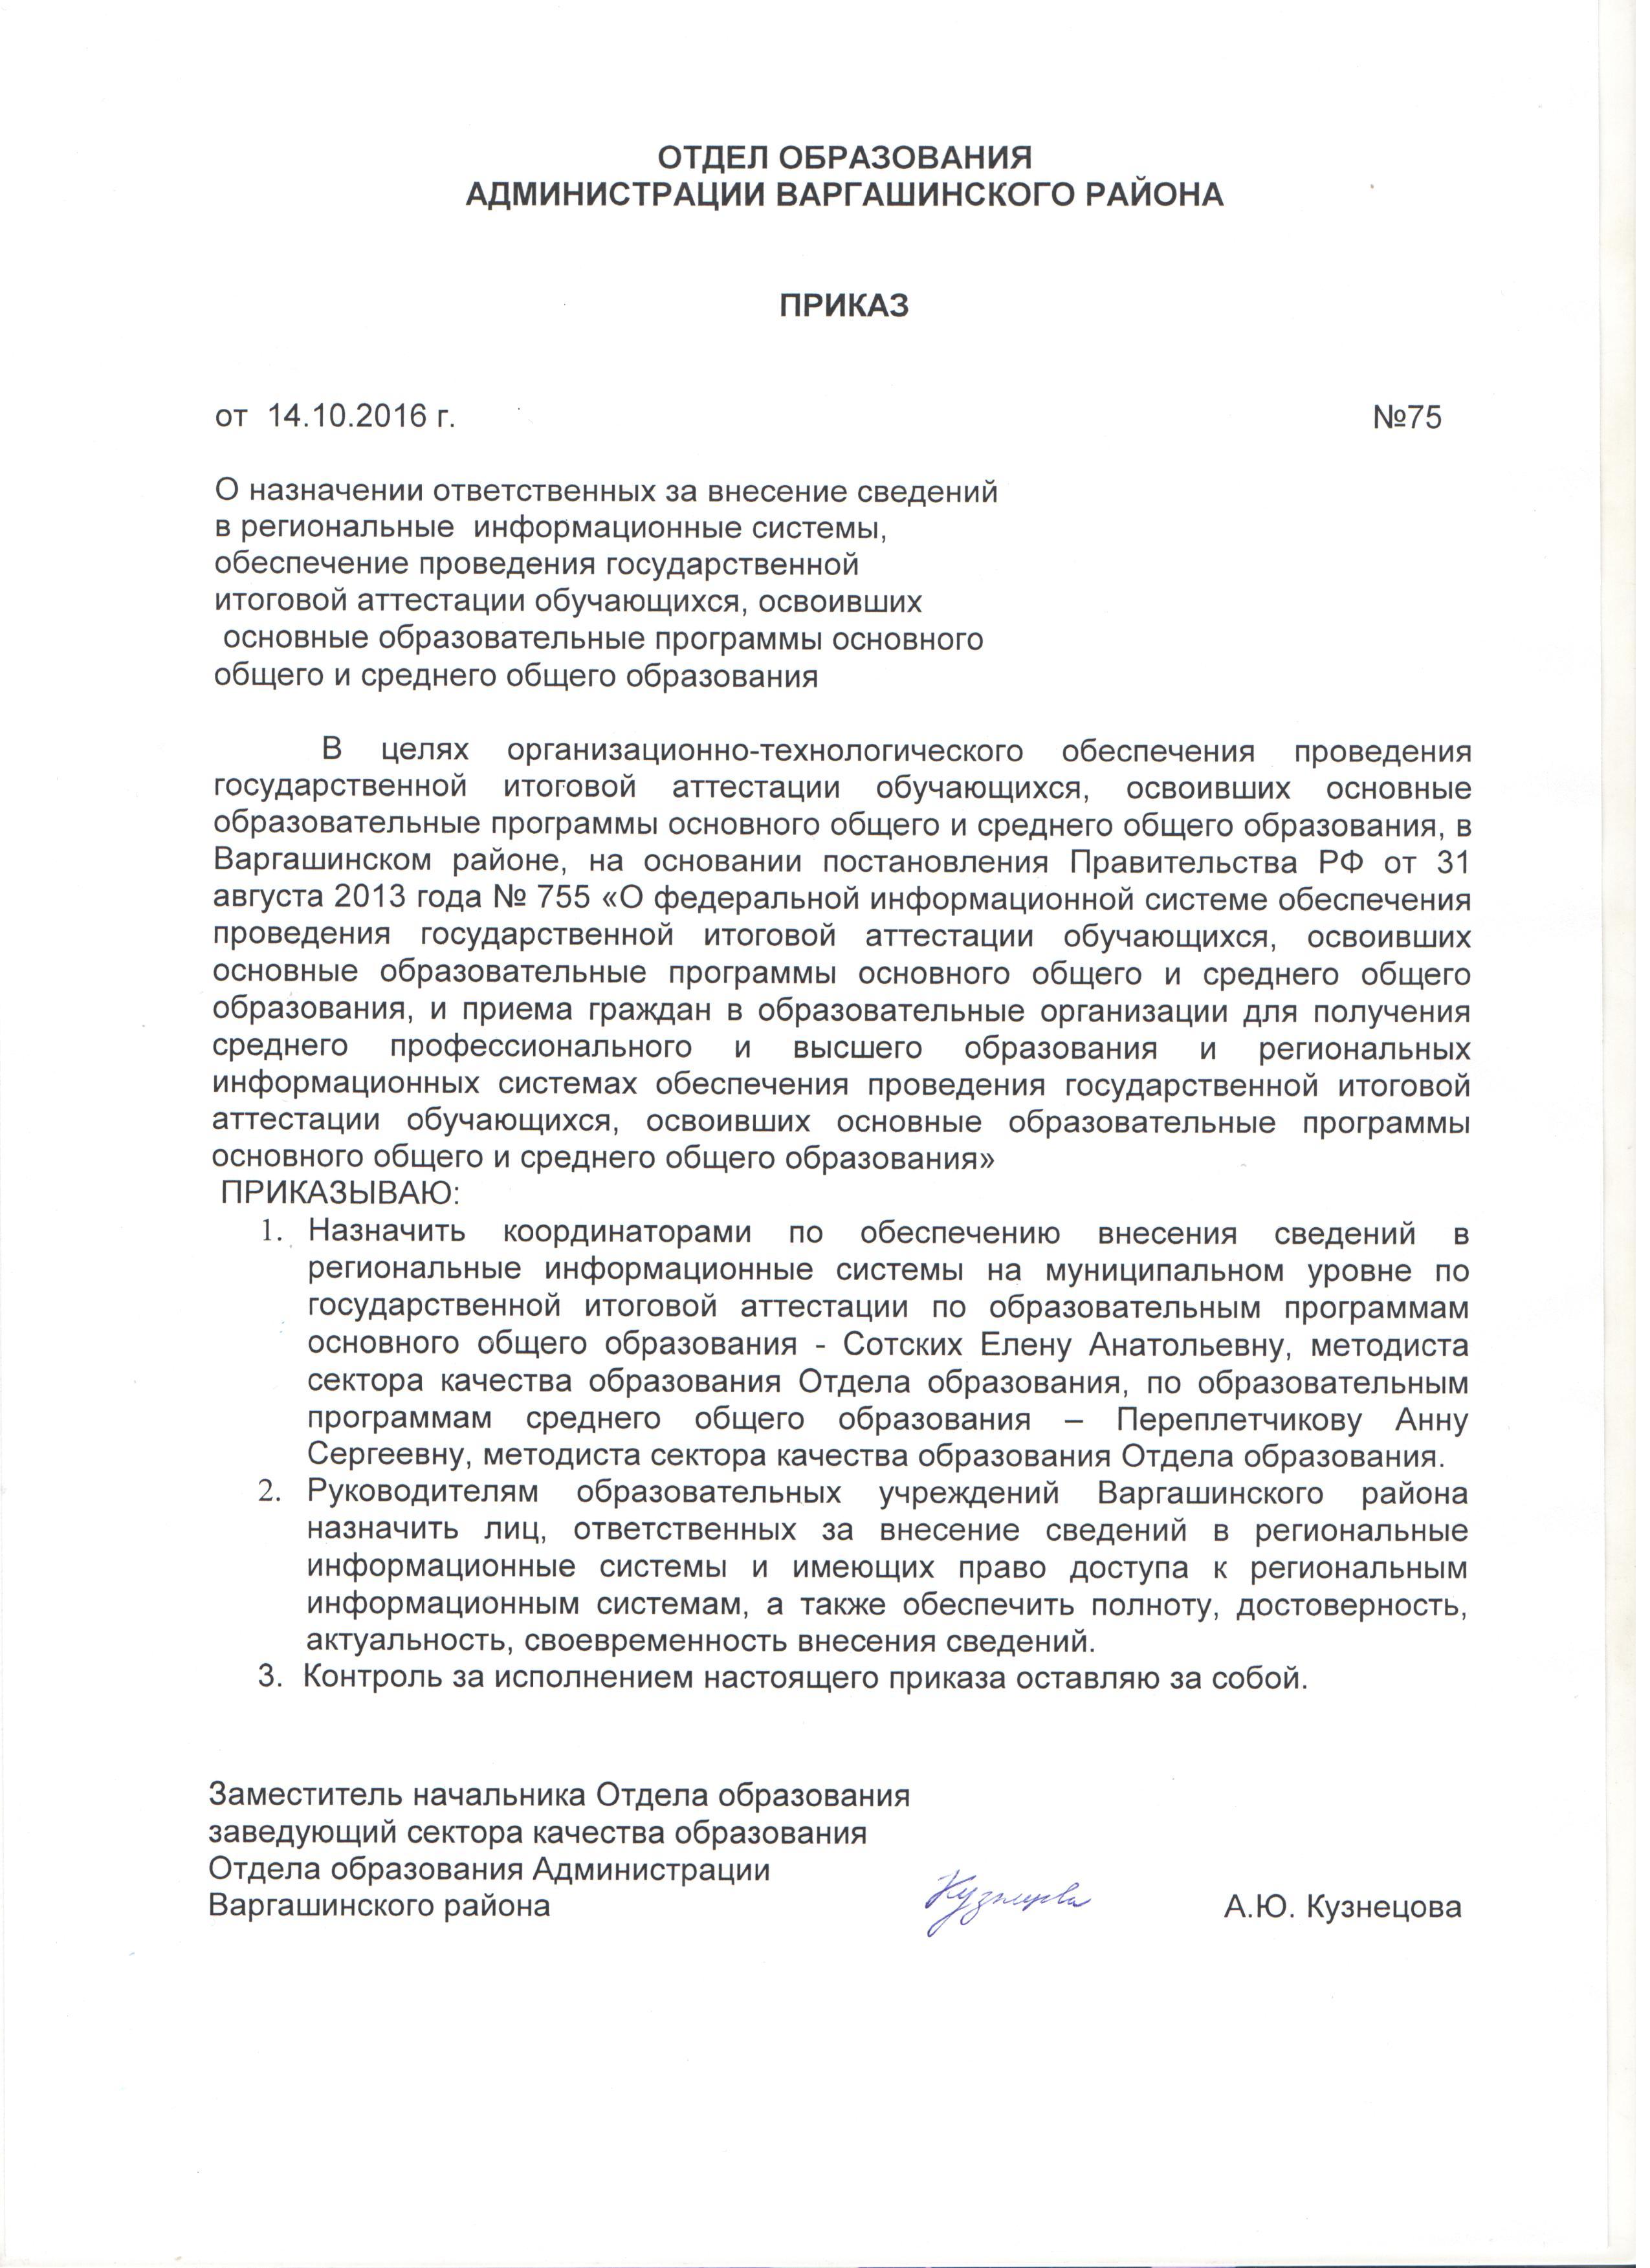 Приказ О назначении ответственных за внесение сведений в РИС №75 от 14.10.2016г.